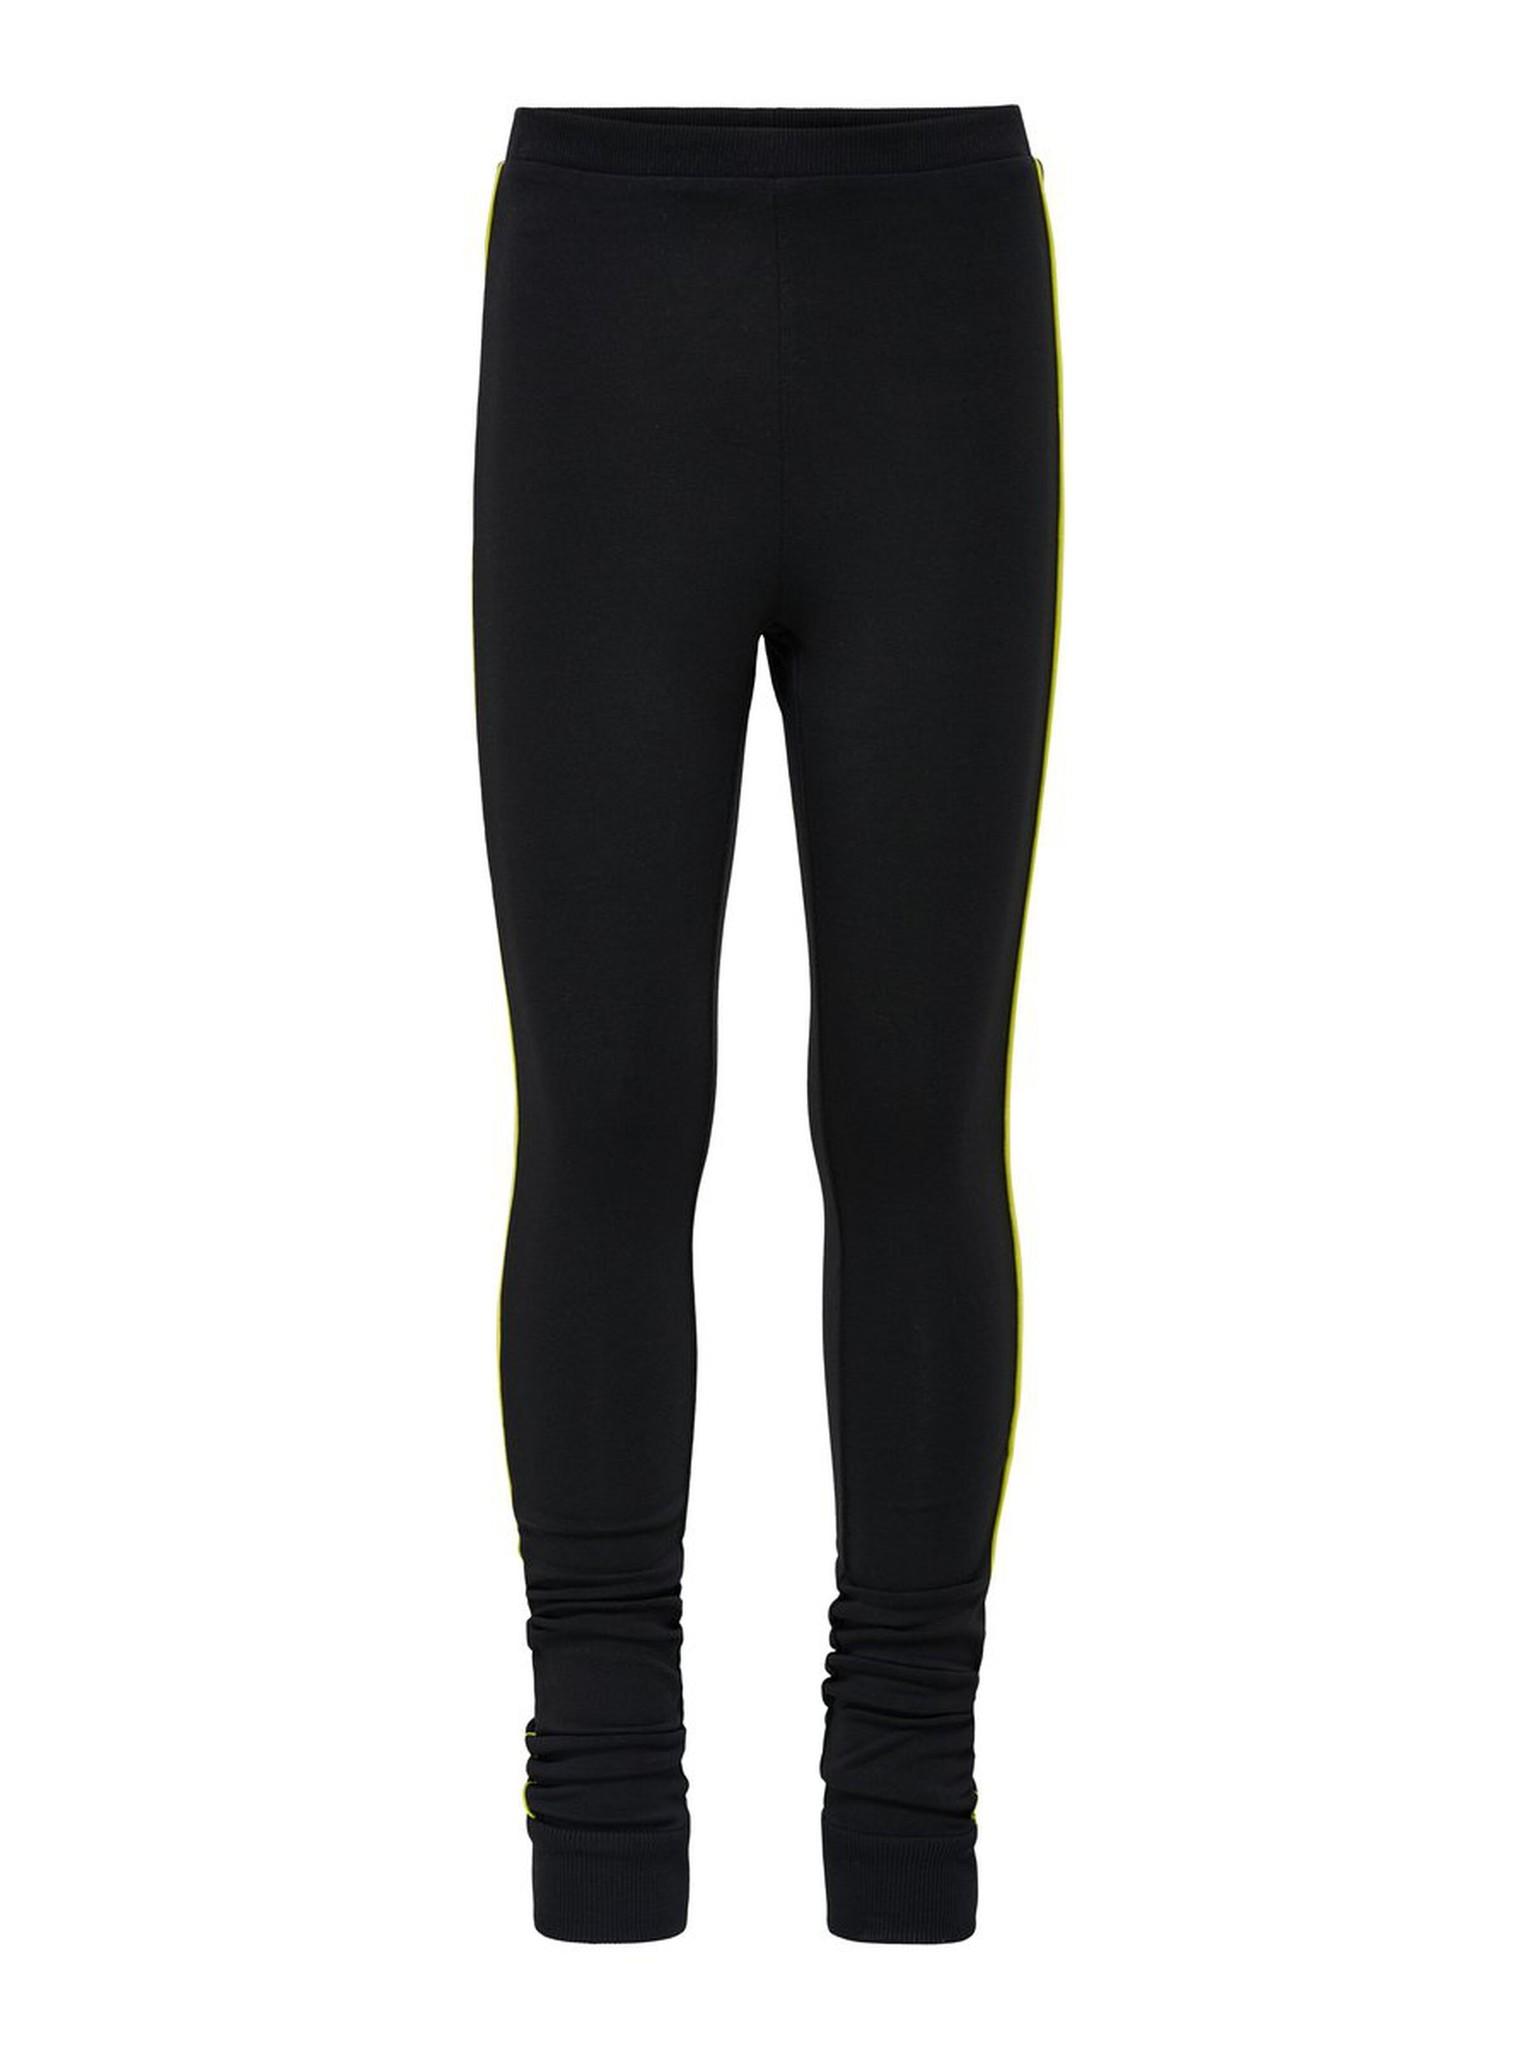 ONLY leggings basique-4